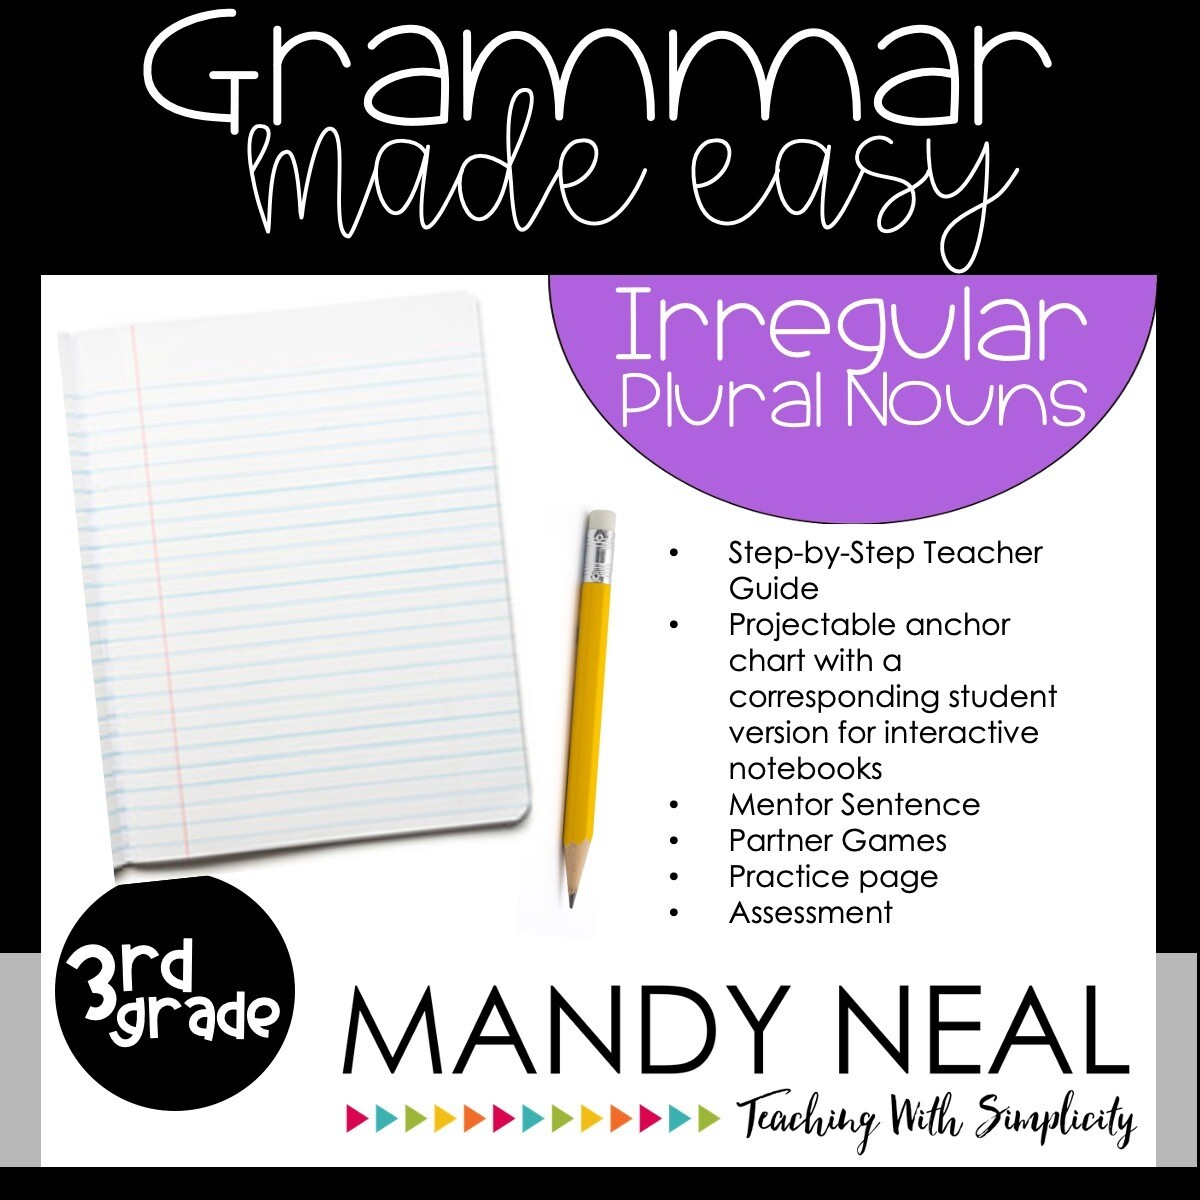 Third Grade Grammar Activities (Irregular Plural Nouns)